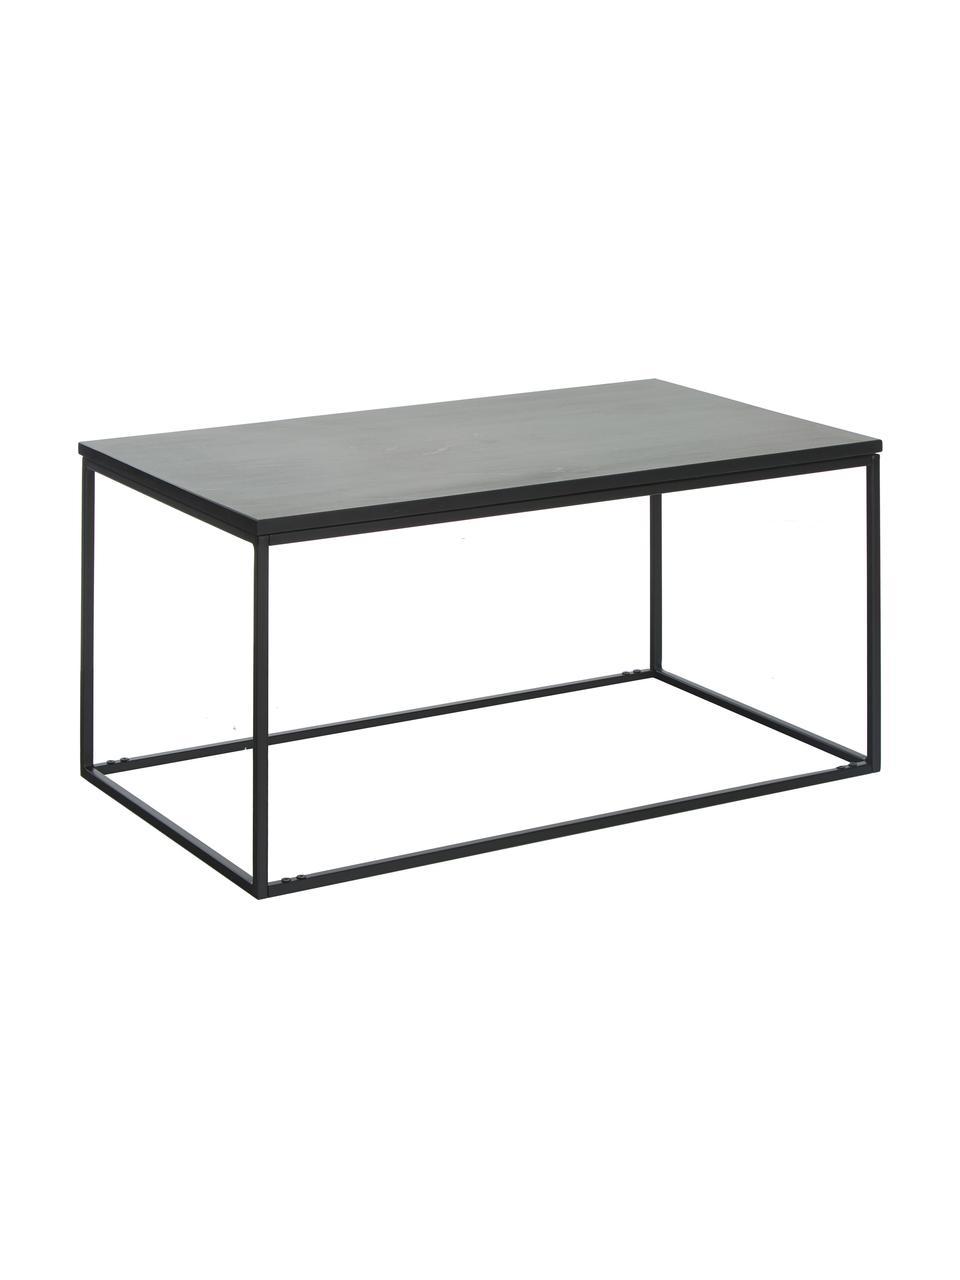 Marmor-Couchtisch Alys, Tischplatte: Marmor, Gestell: Metall, pulverbeschichtet, Tischplatte: Schwarzer Marmor, leicht glänzendGestell: Schwarz, matt, 80 x 40 cm